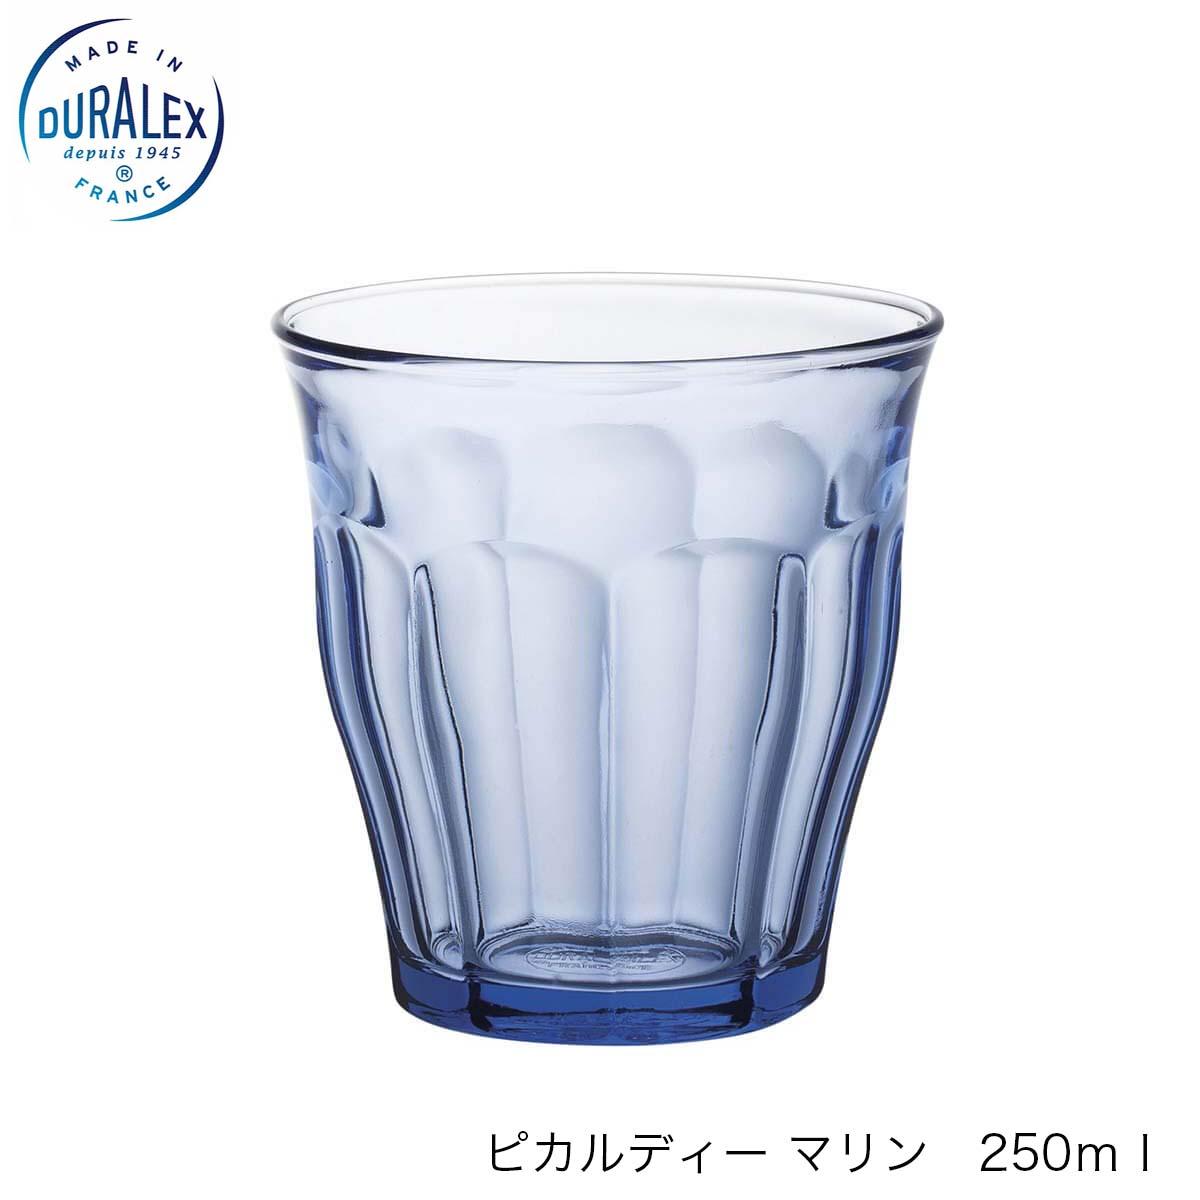 全面物理強化ガラス DURALEX デュラレックス ピカルディ 数量限定アウトレット最安価格 3個セット マリンカラー 新商品 250ml フランス製